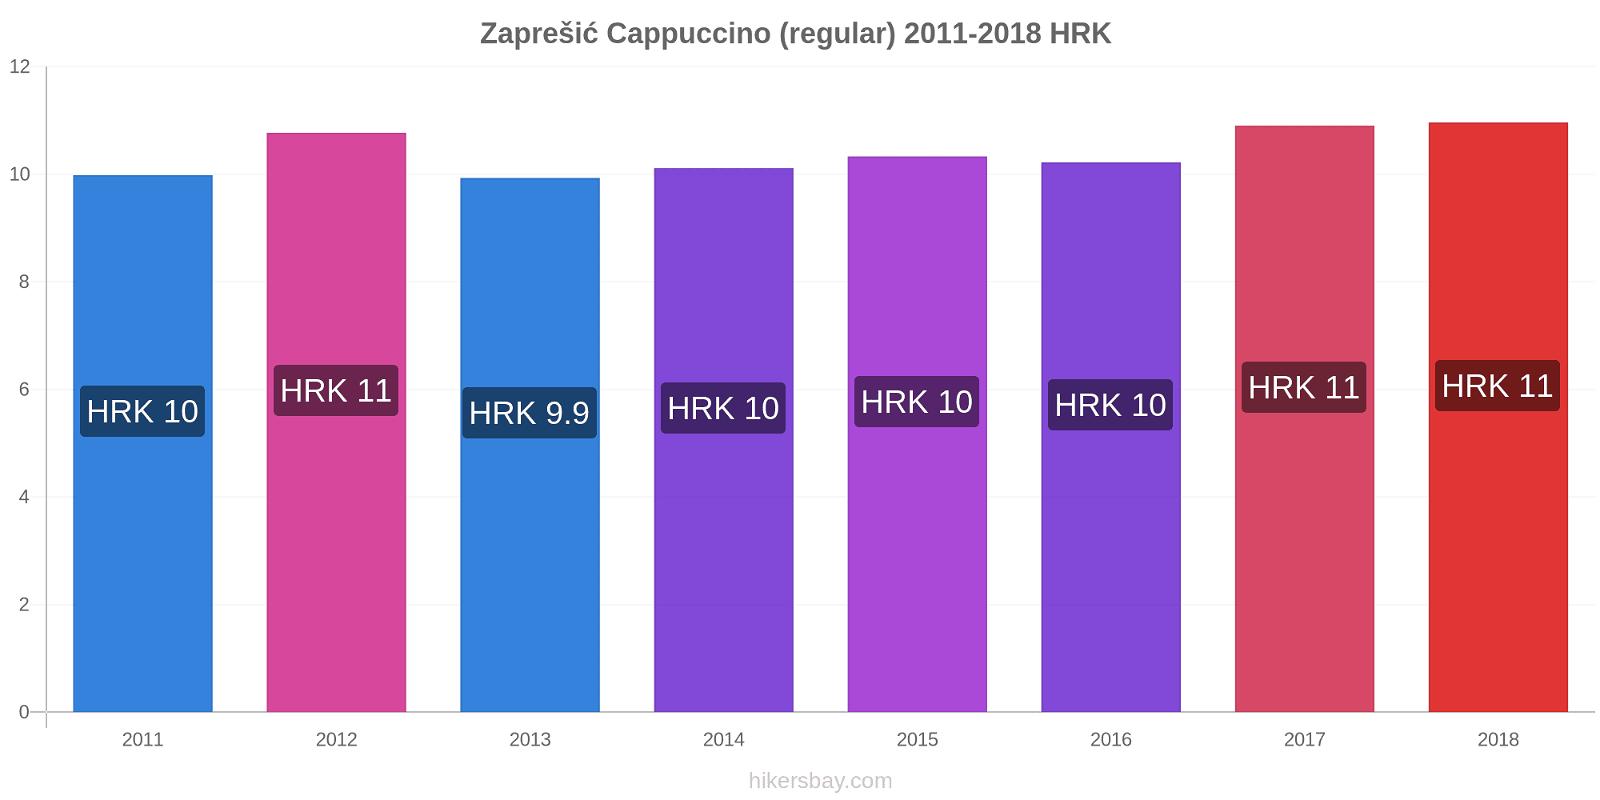 Zaprešić price changes Cappuccino (regular) hikersbay.com